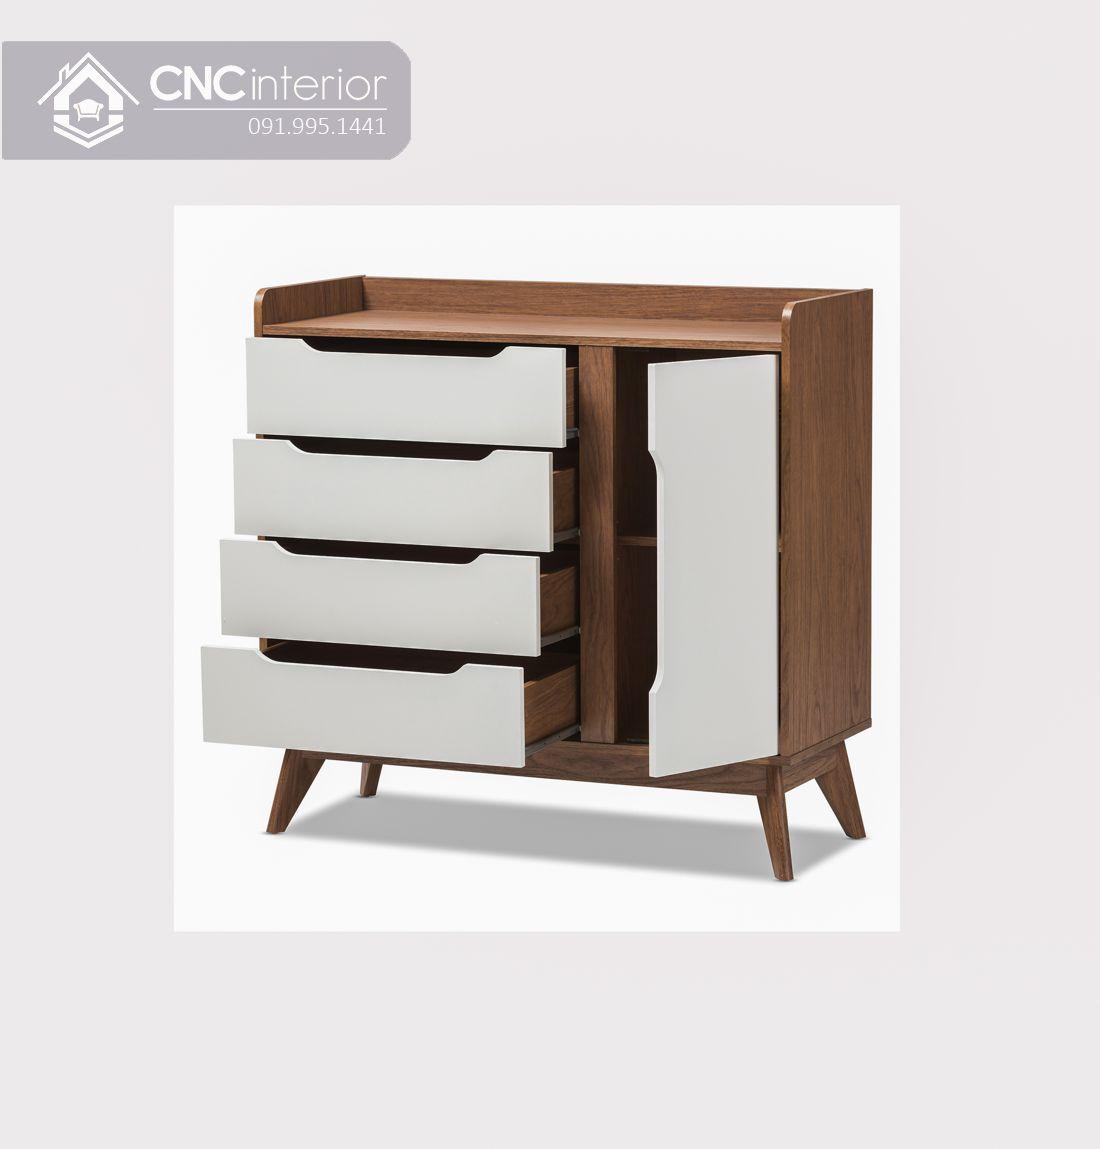 Tủ giày gỗ đẹp hiện đại tiện nghi CNC 03 3